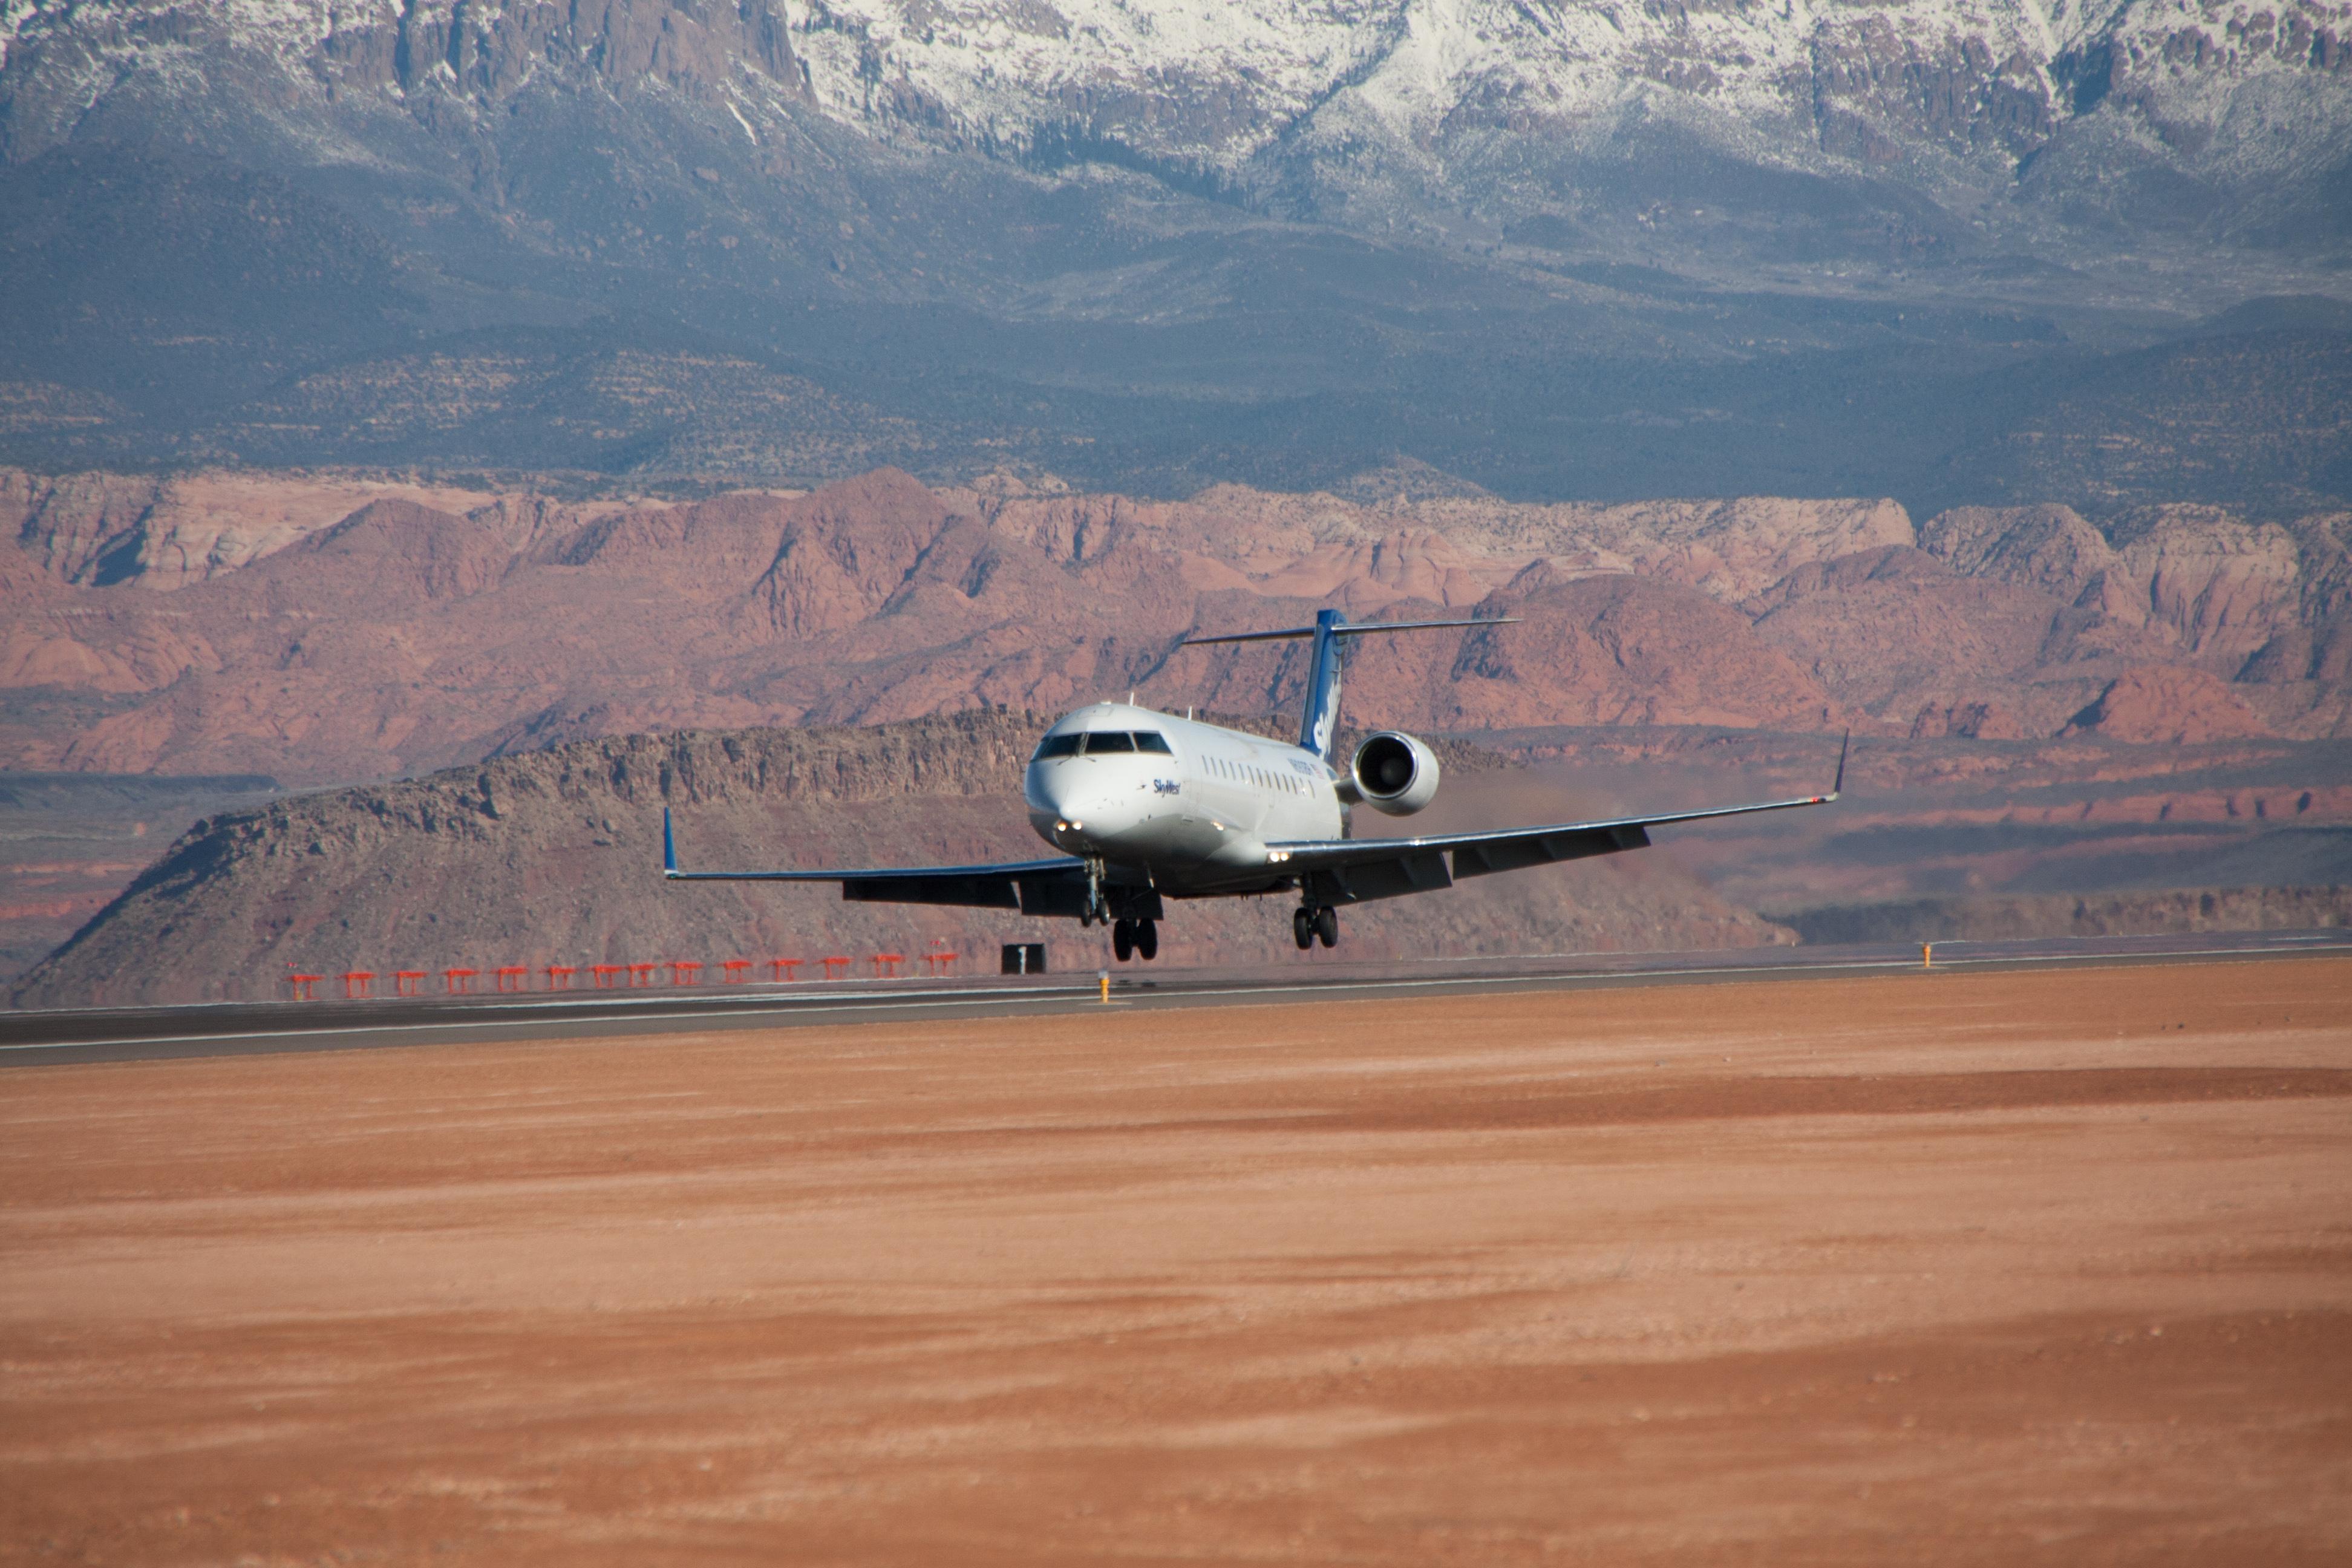 SkyWest aircraft landing.